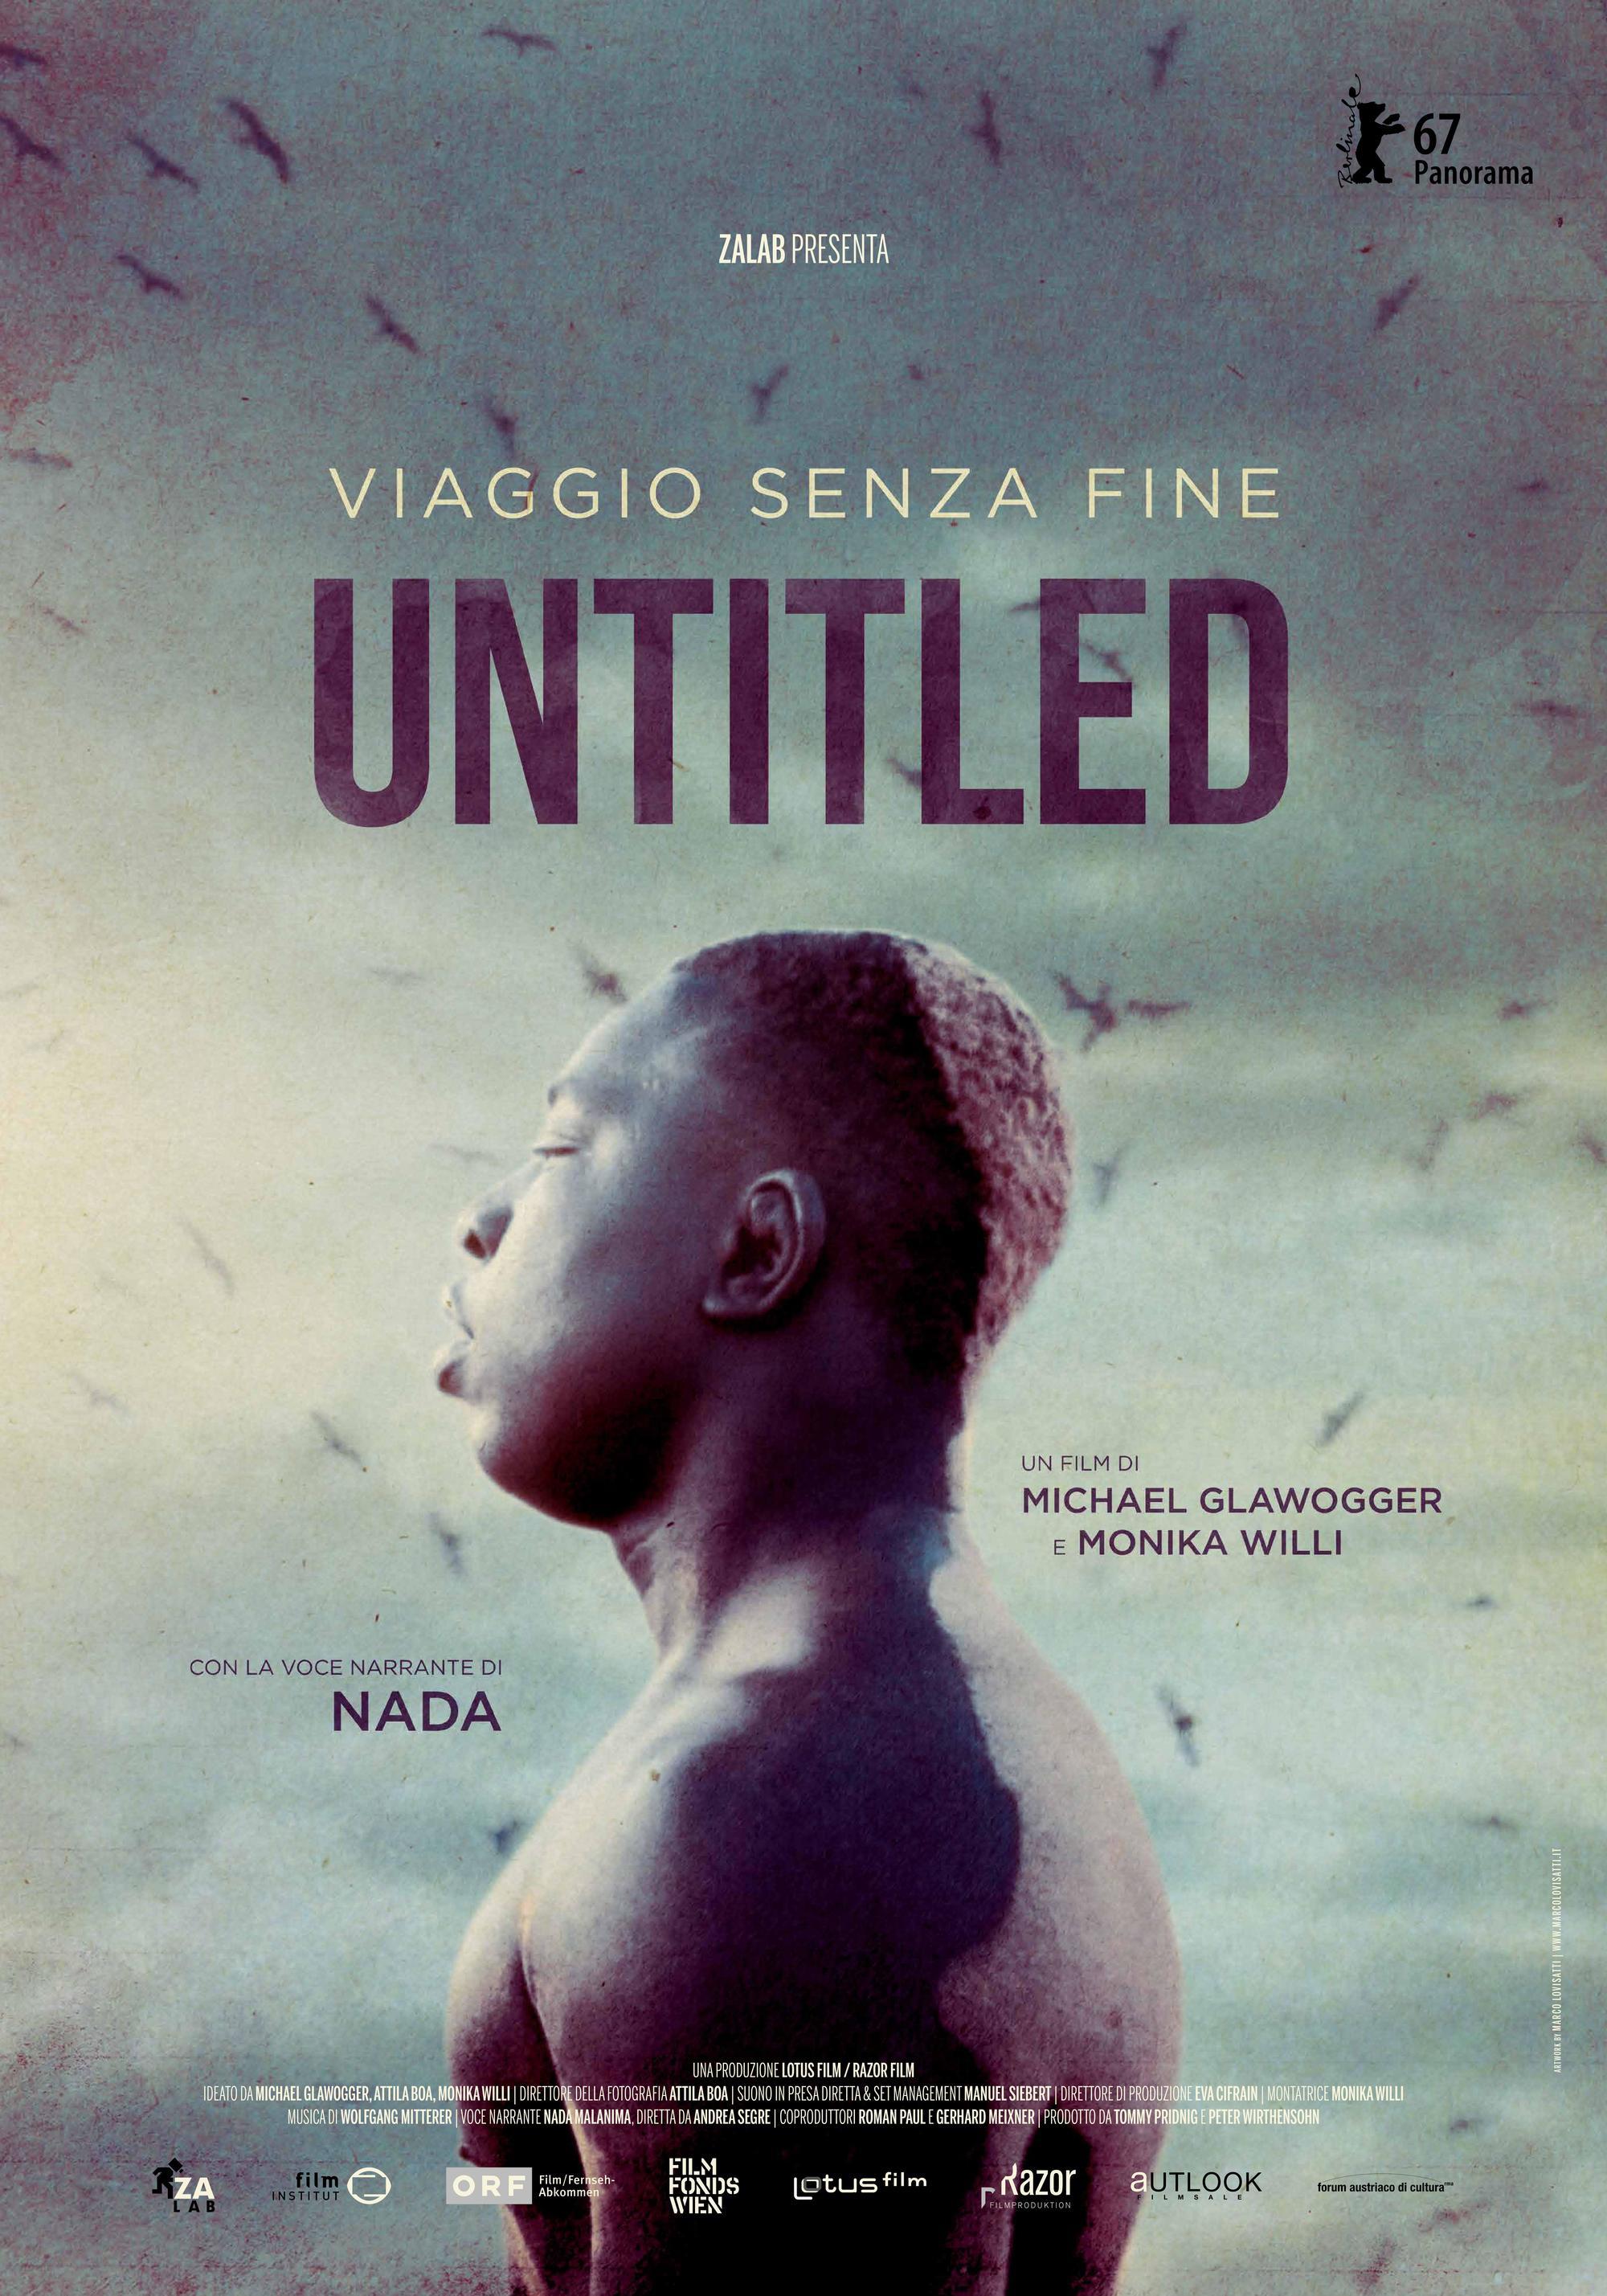 Untitled - Viaggio Senza Fine - Poster